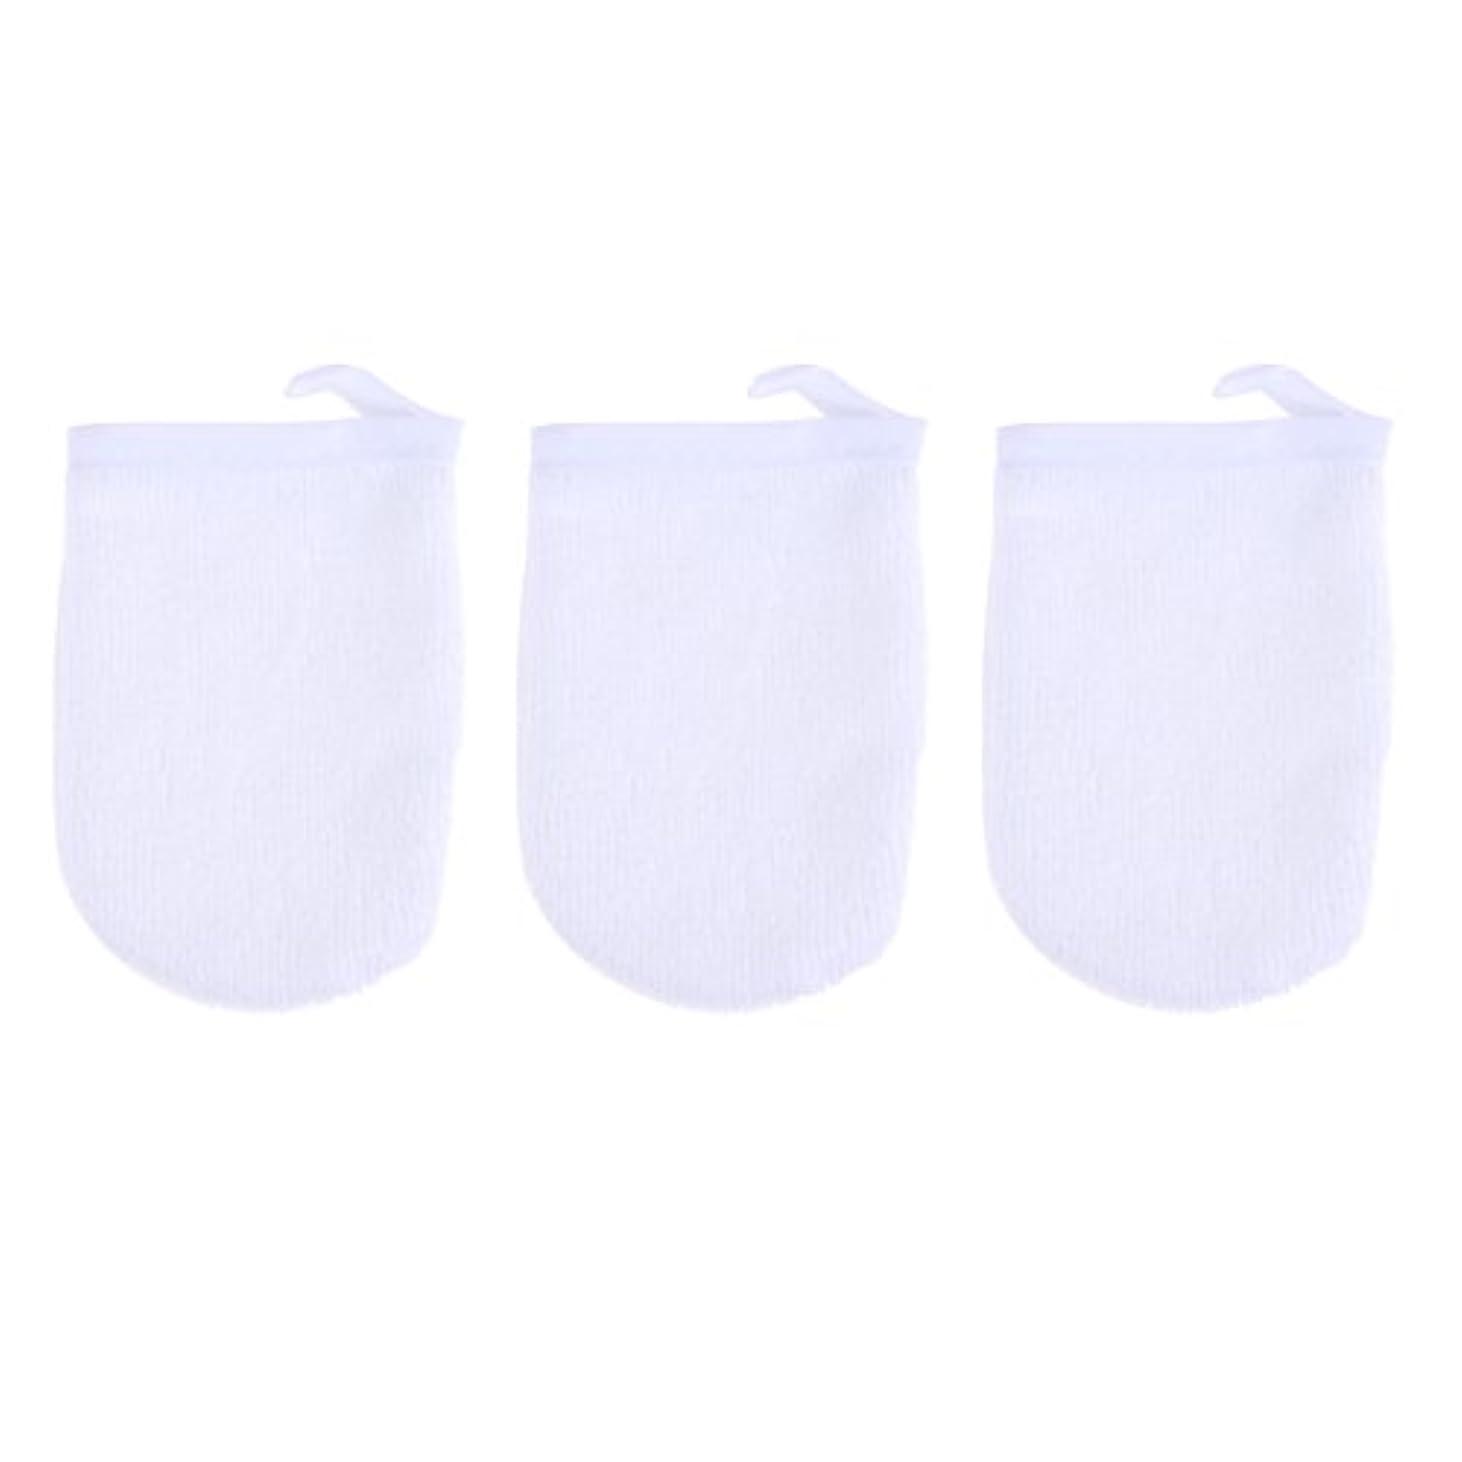 受け継ぐ説教する私のBESTONZON 3ピースマイクロファイバー洗顔手袋フェイスクレンジングタオルクロススパミットソフト洗濯道具